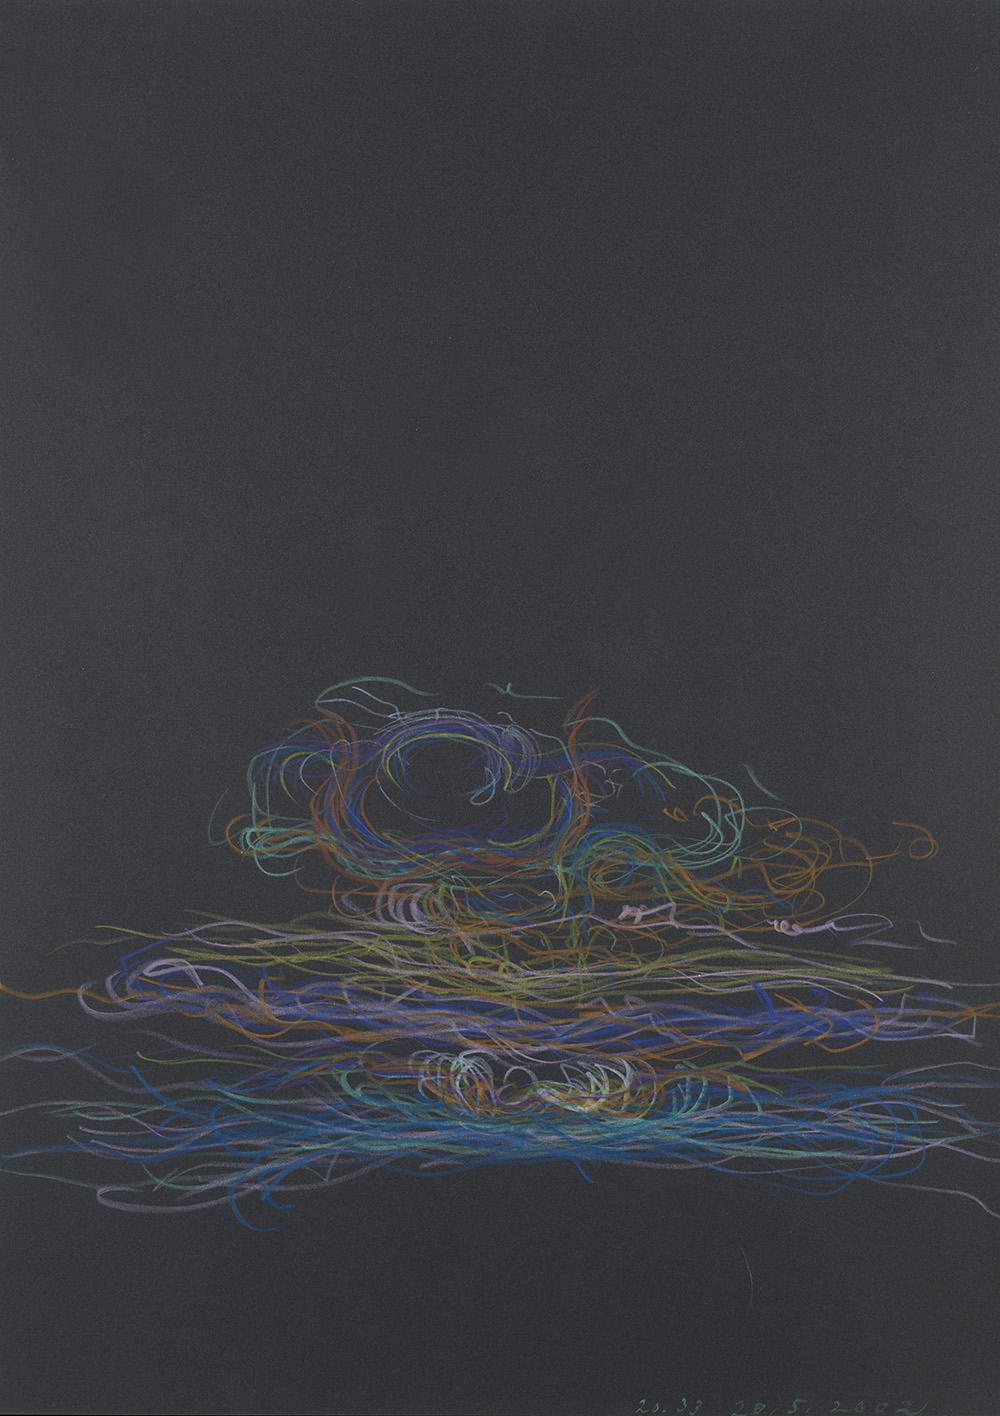 Tomáš Lampar    Untitled  , 2002 Color pencil on paper 16.54 x 11.61 inches 42 x 29.5 cm TLa 7